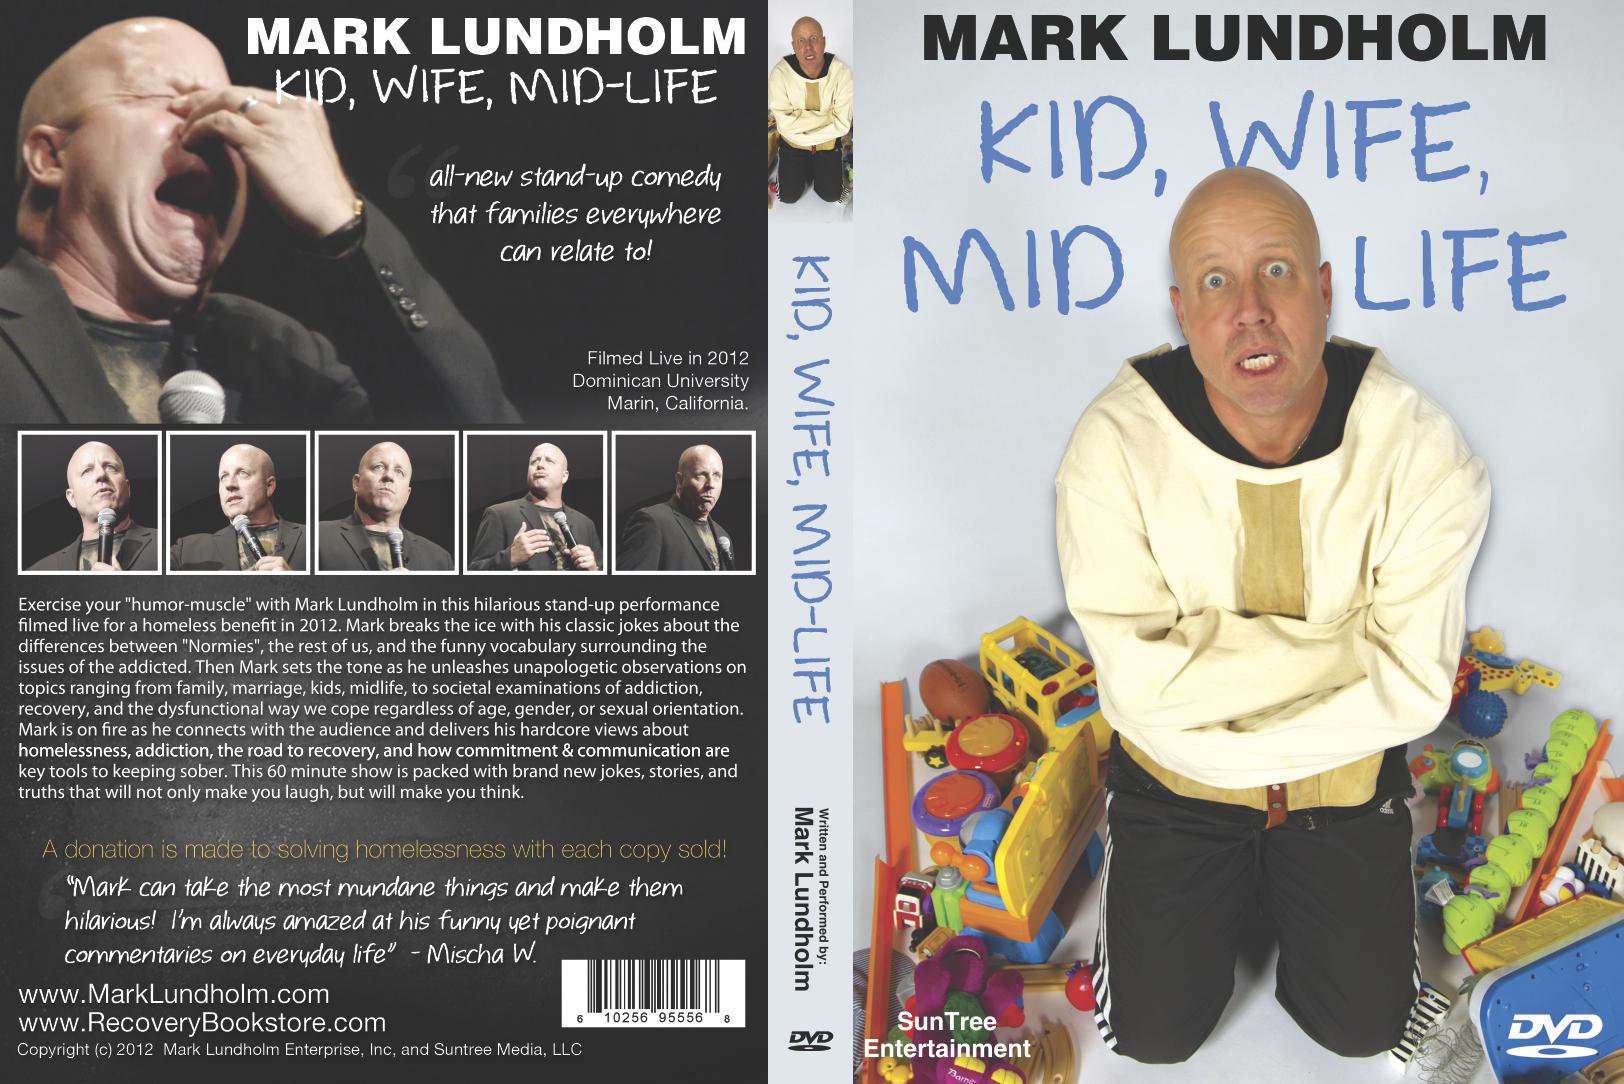 kids-wife-mid-life-dvd-mark-lundholm-full-dvd-cover.jpg